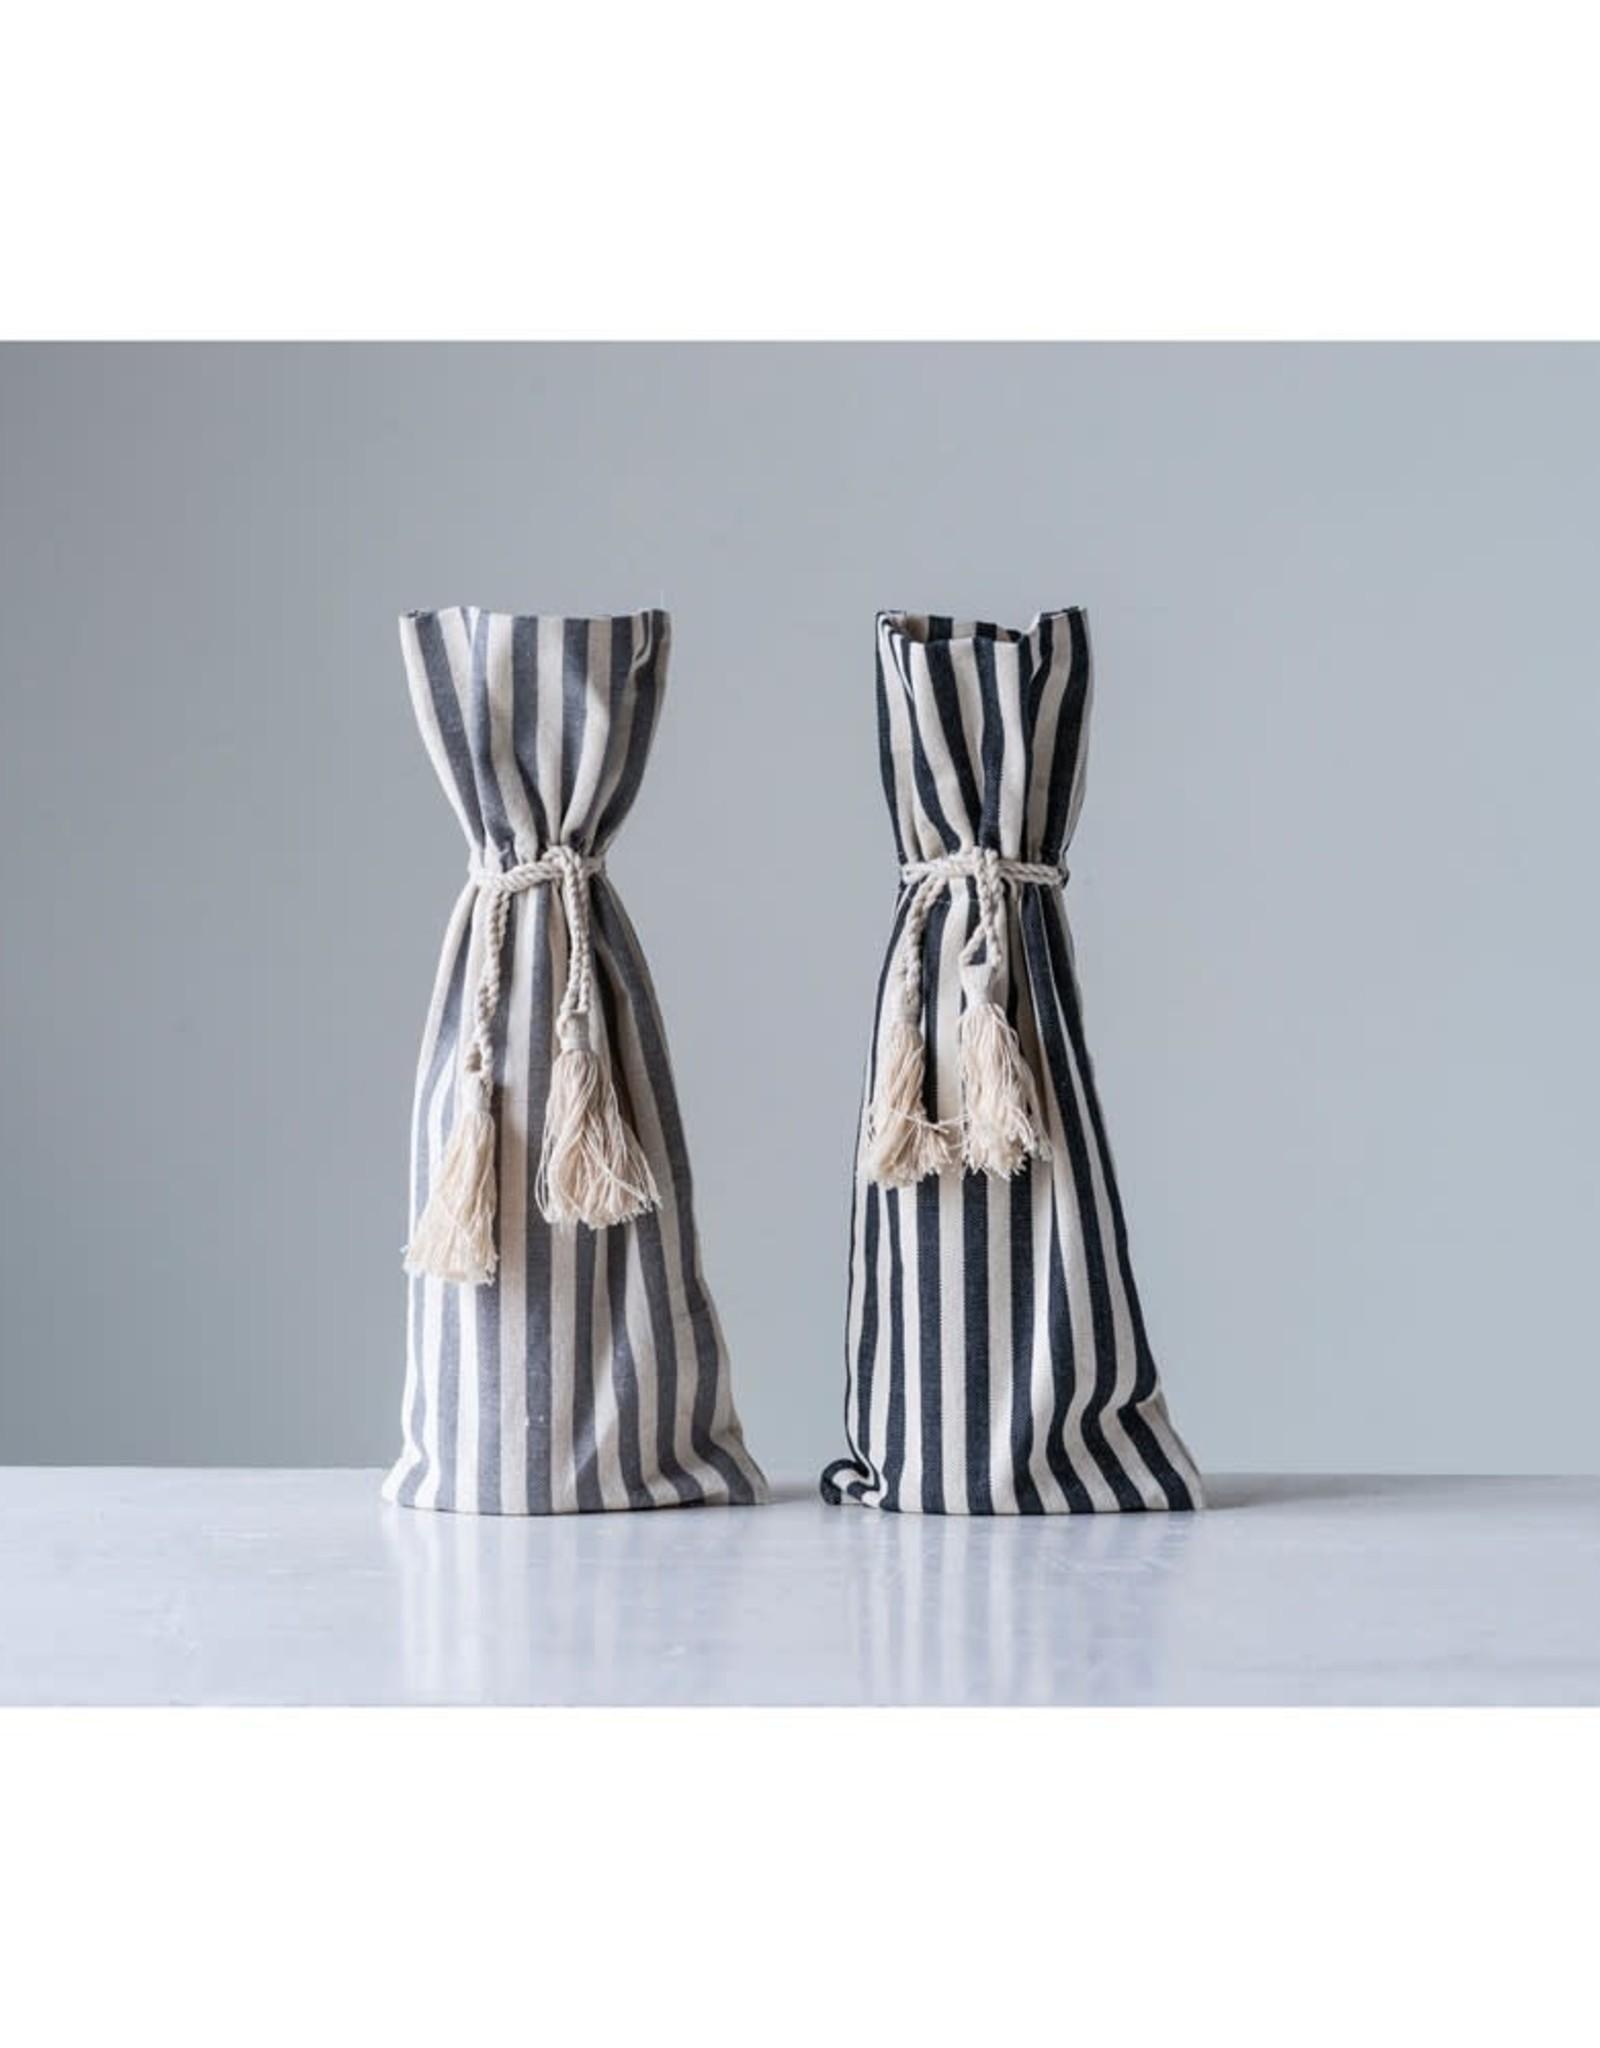 Cotton Striped Wine Bag